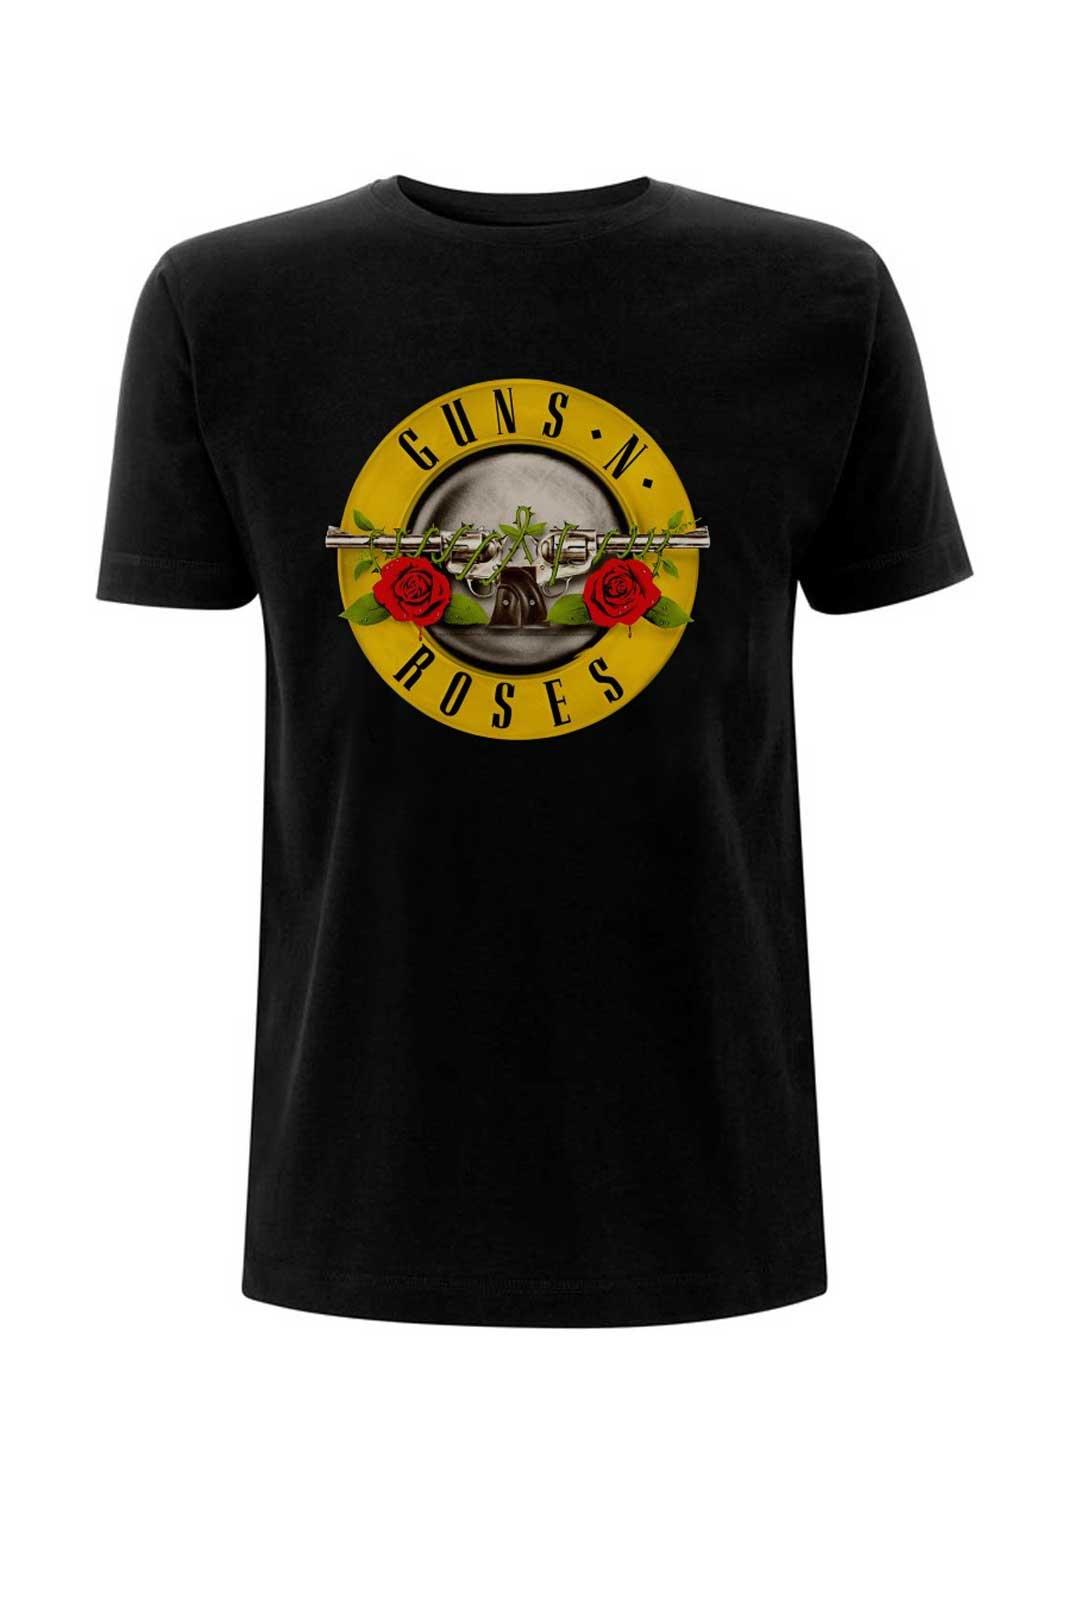 Tee Guns'n'Roses Bullet Black